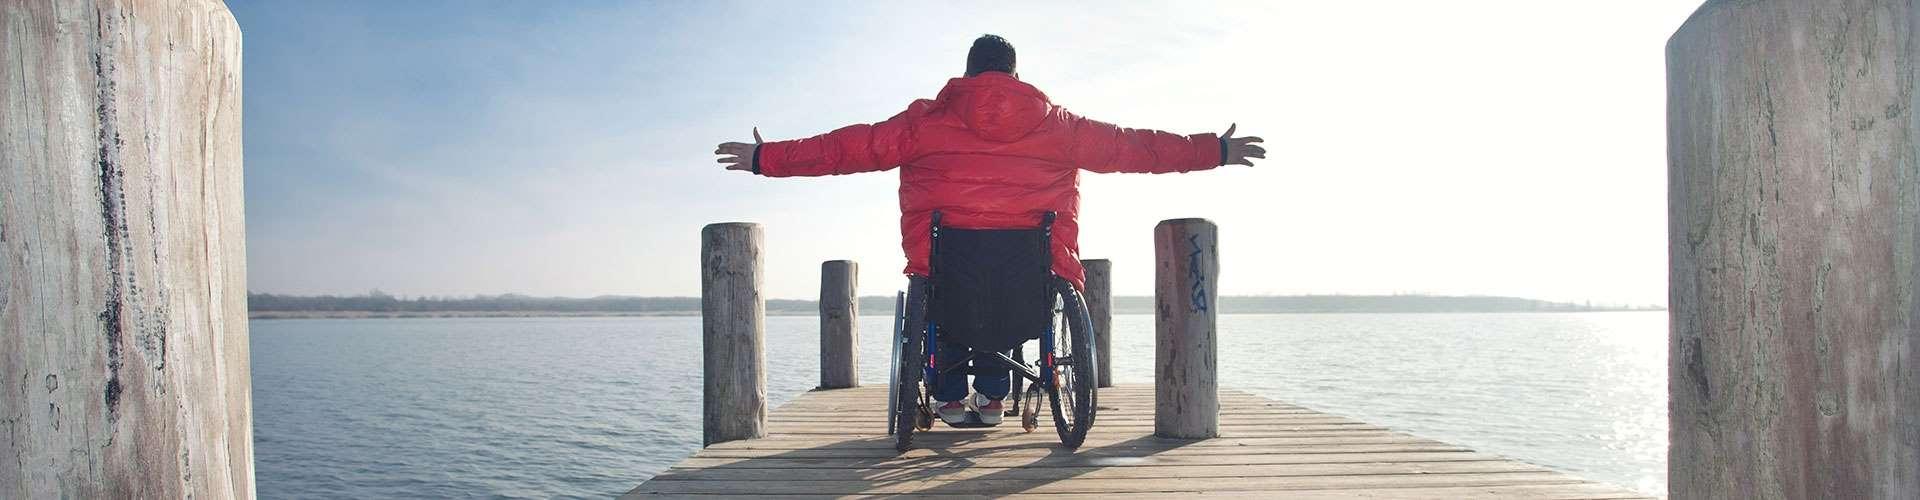 Rollstuhlfahrer, Meer